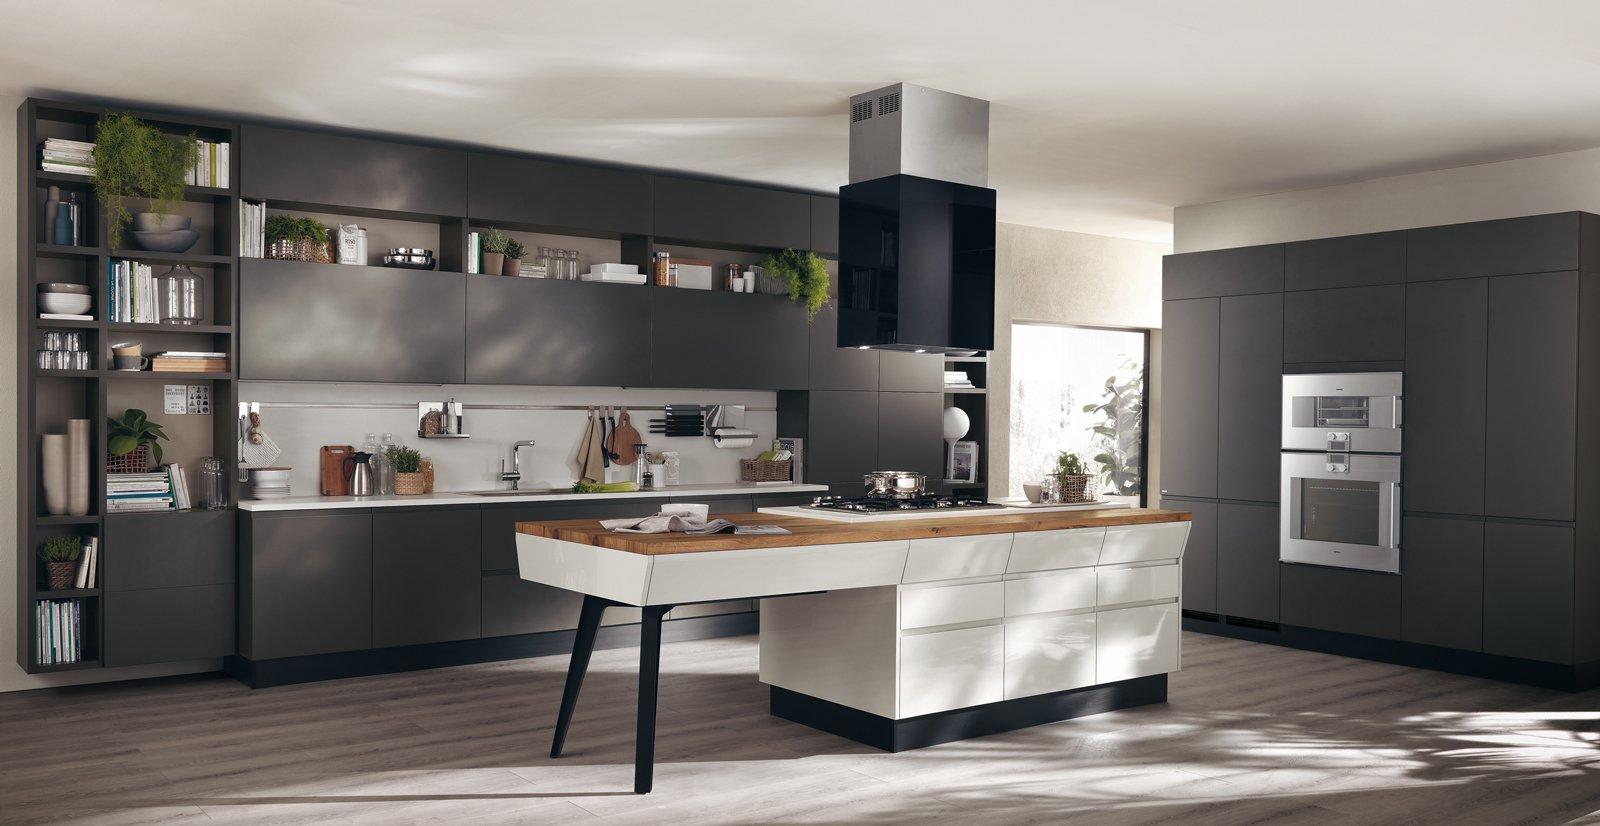 Cucine A Isola Con Bancone Snack O Tavolo Cose Di Casa #4E656C 1600 826 Sala Da Pranzo Parquet